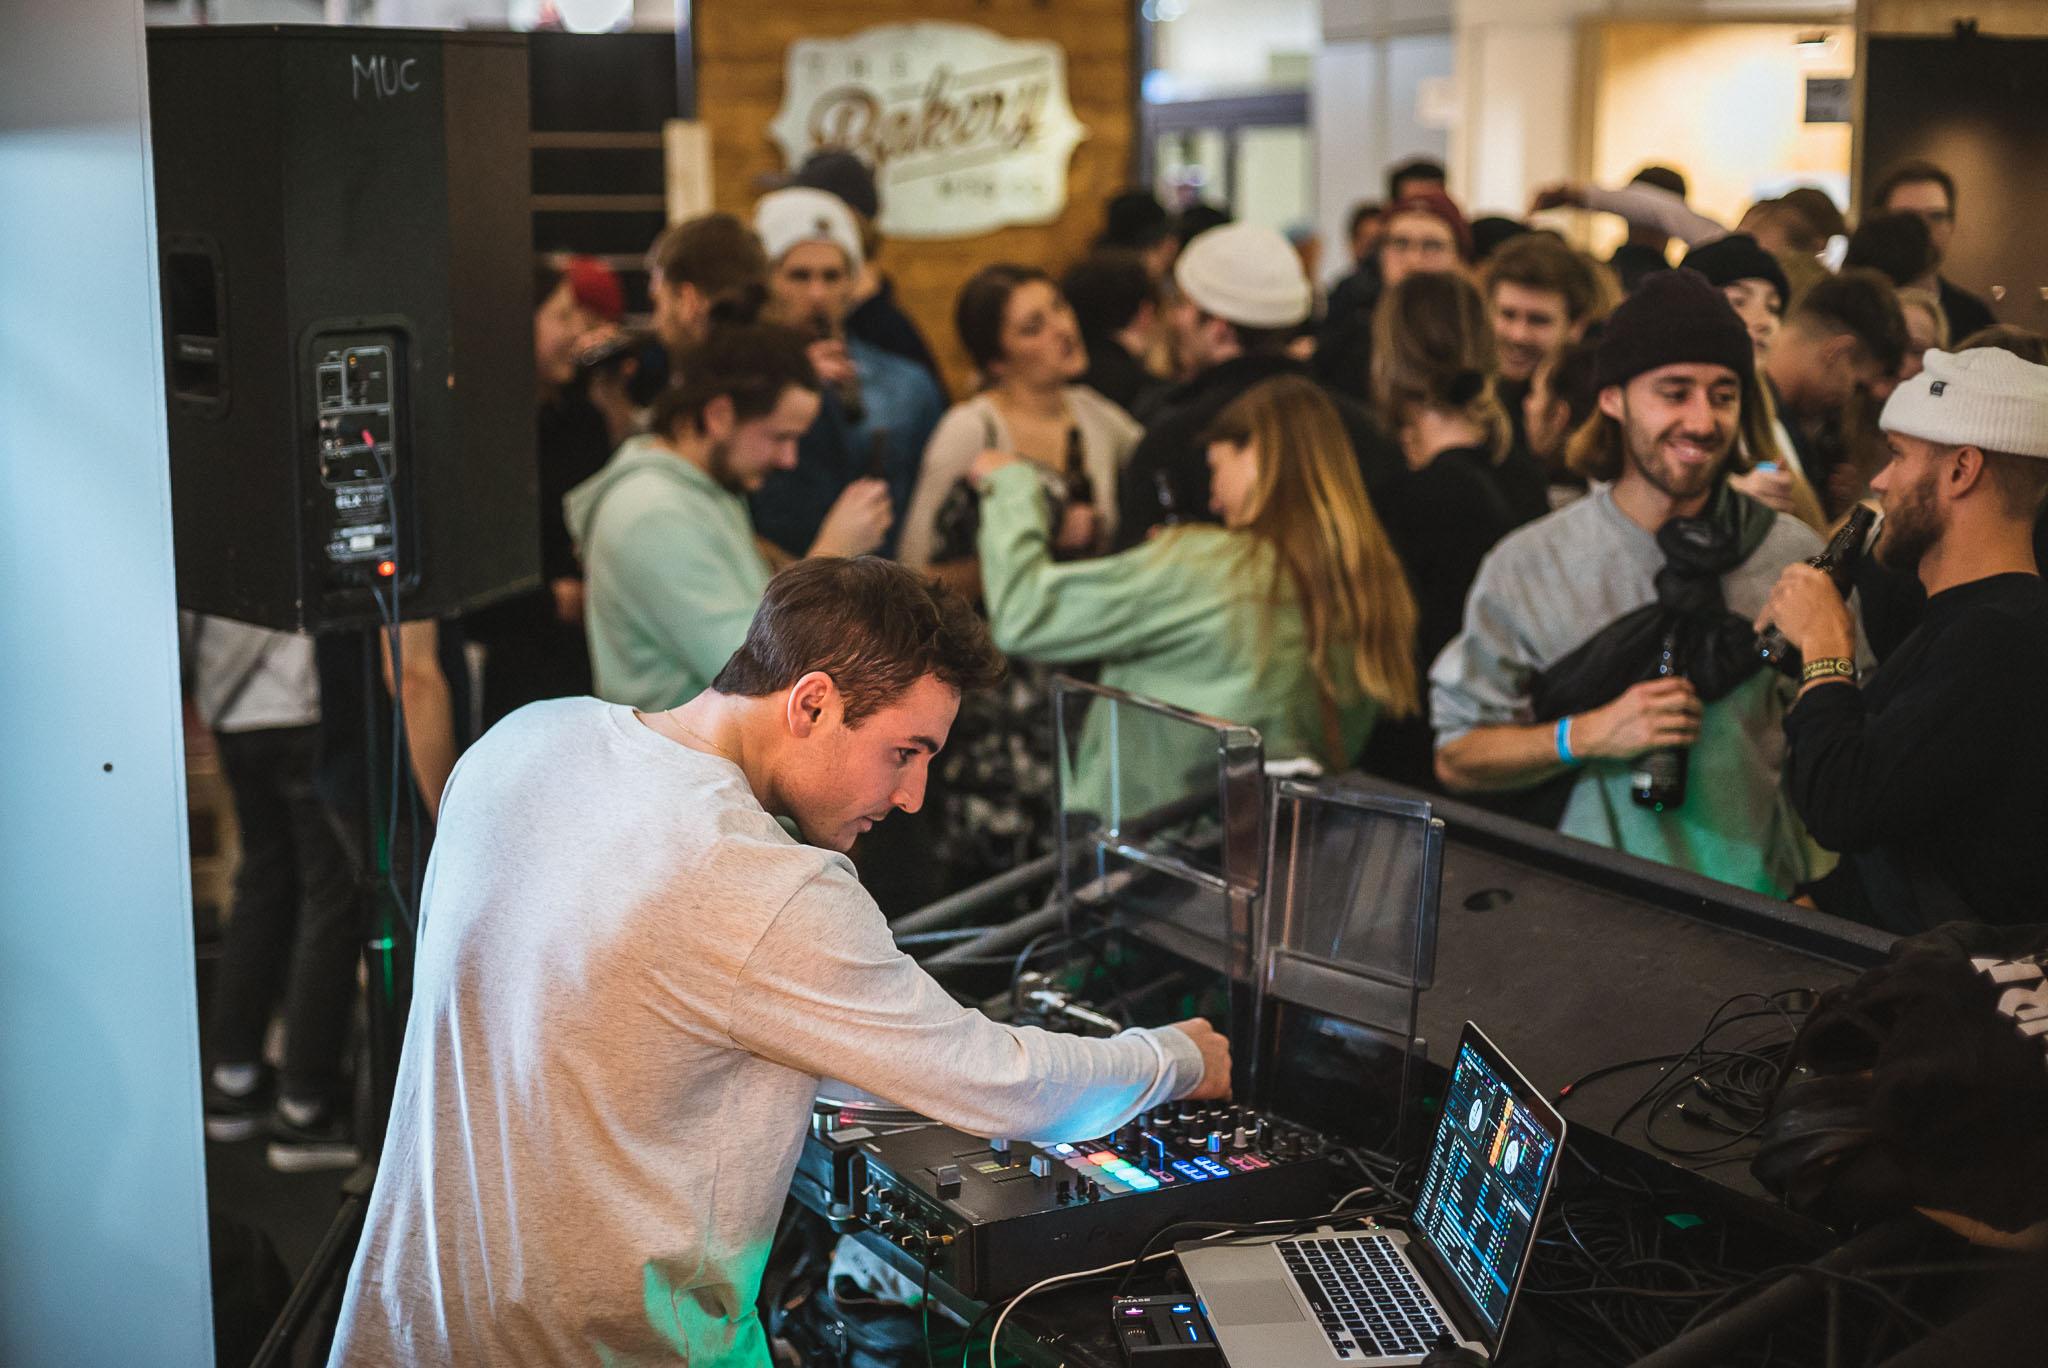 DJ Kidd Salute heizte der Menge im Rahmen unserer Standparty am Sonntagabend ordentlich ein. Vielen Dank an alle die da waren und mit uns gefeiert haben - wir hatten einen Riesenspaß!